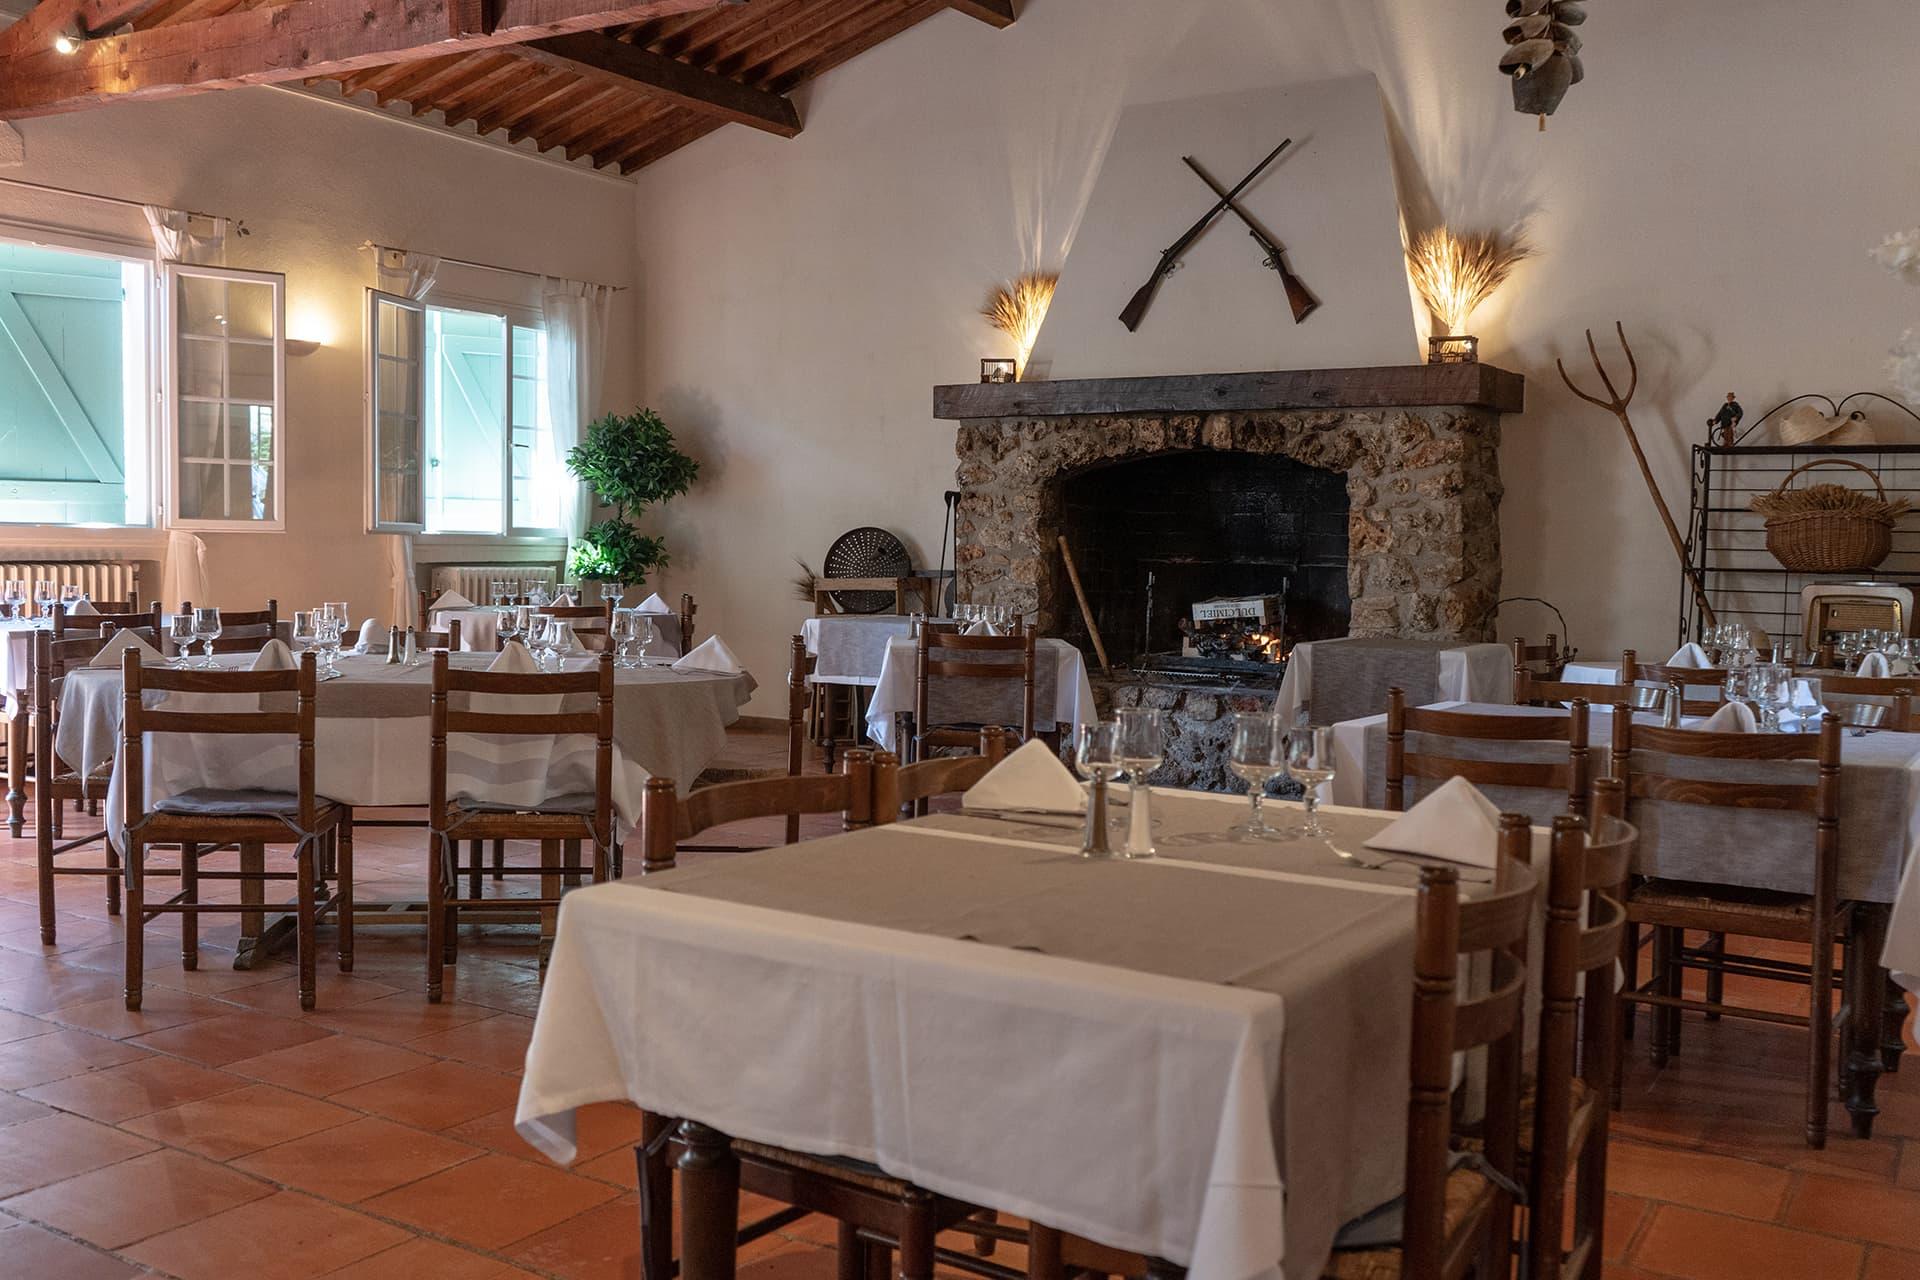 Restaurant Aix-en-Provence - Ancien relais de chasseur - L'Oustau de Saint-Marc